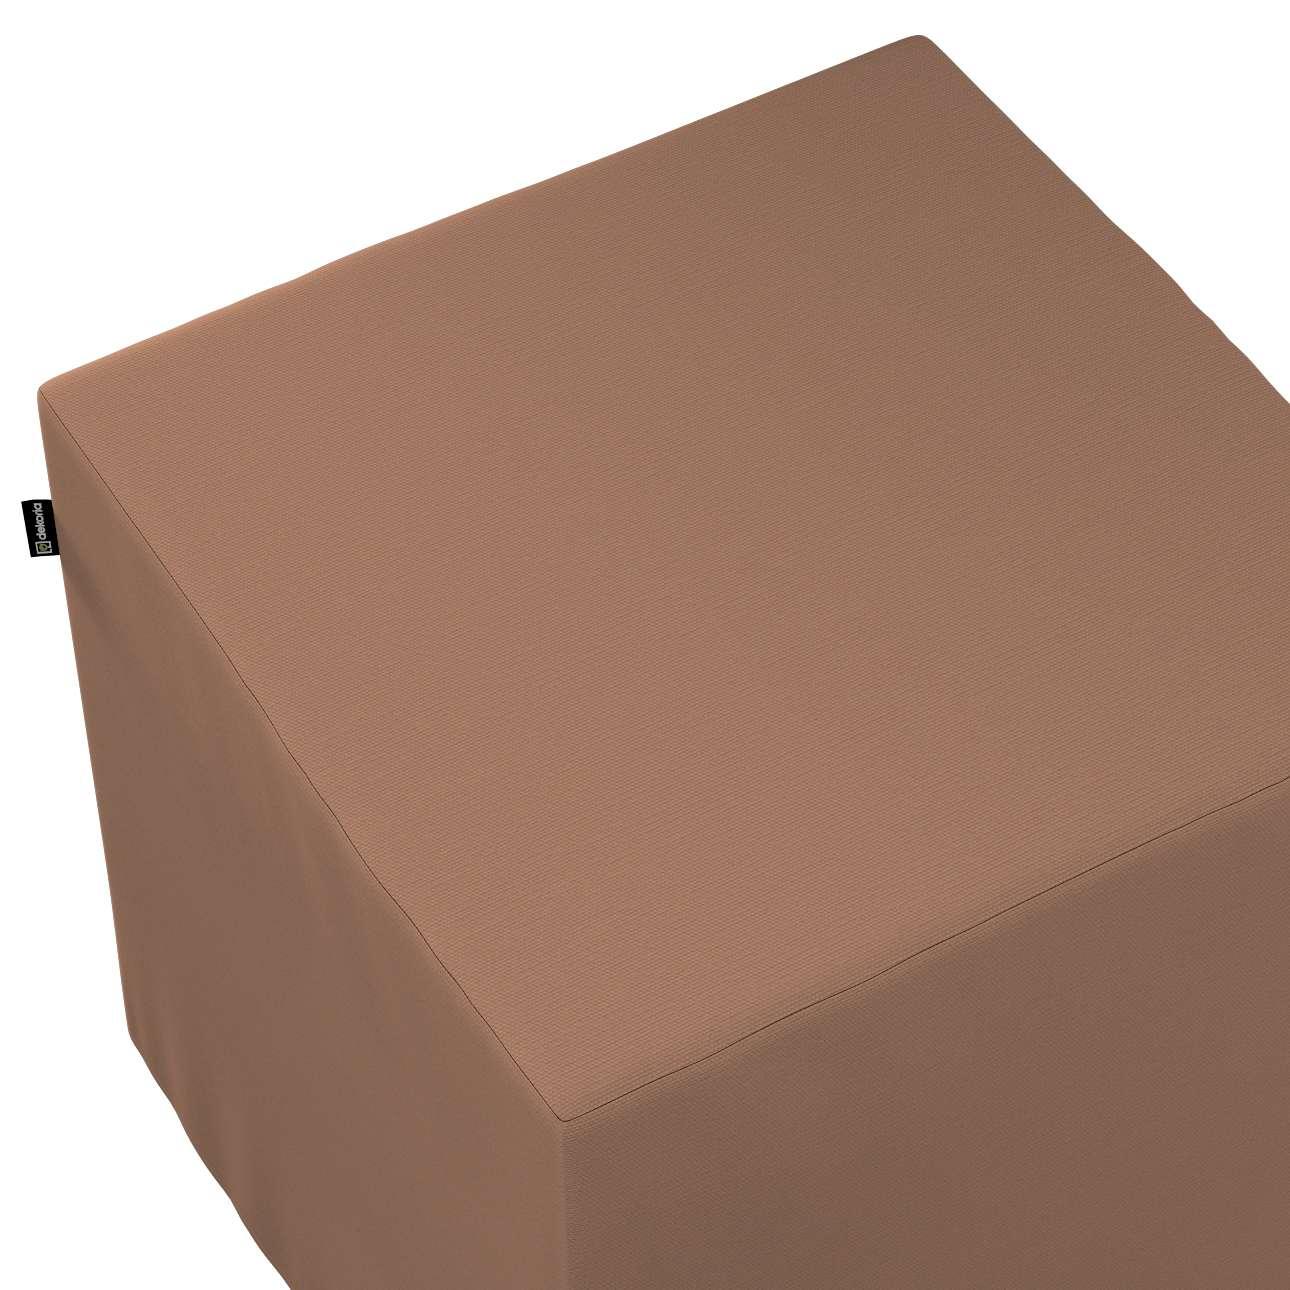 Pokrowiec na pufę kostkę w kolekcji Cotton Panama, tkanina: 702-02